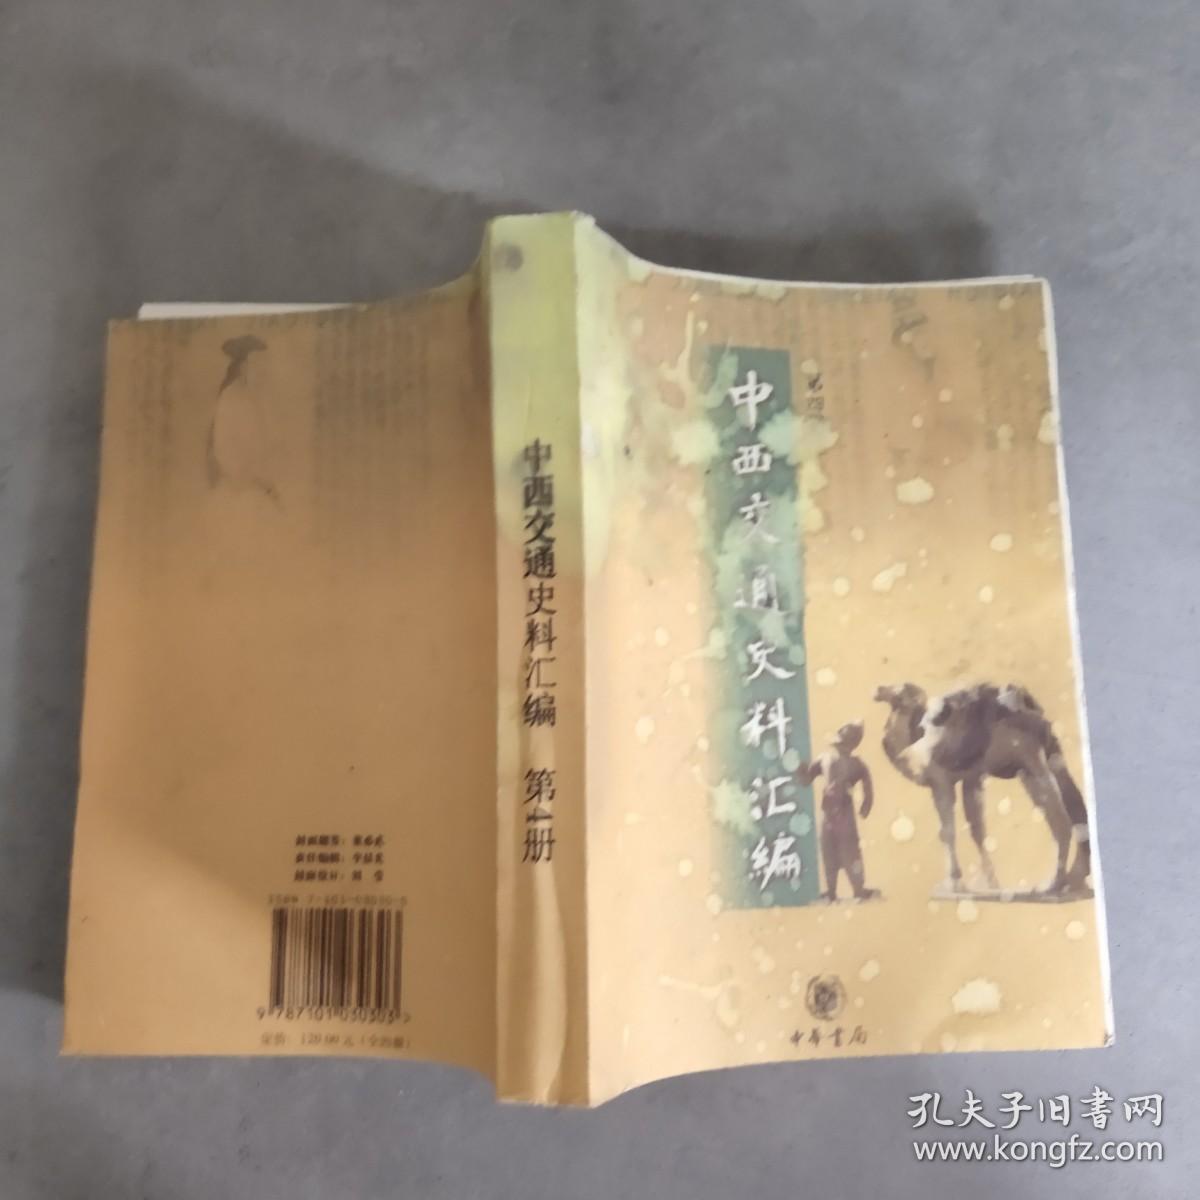 中西交通史料汇编 第四册 比较旧